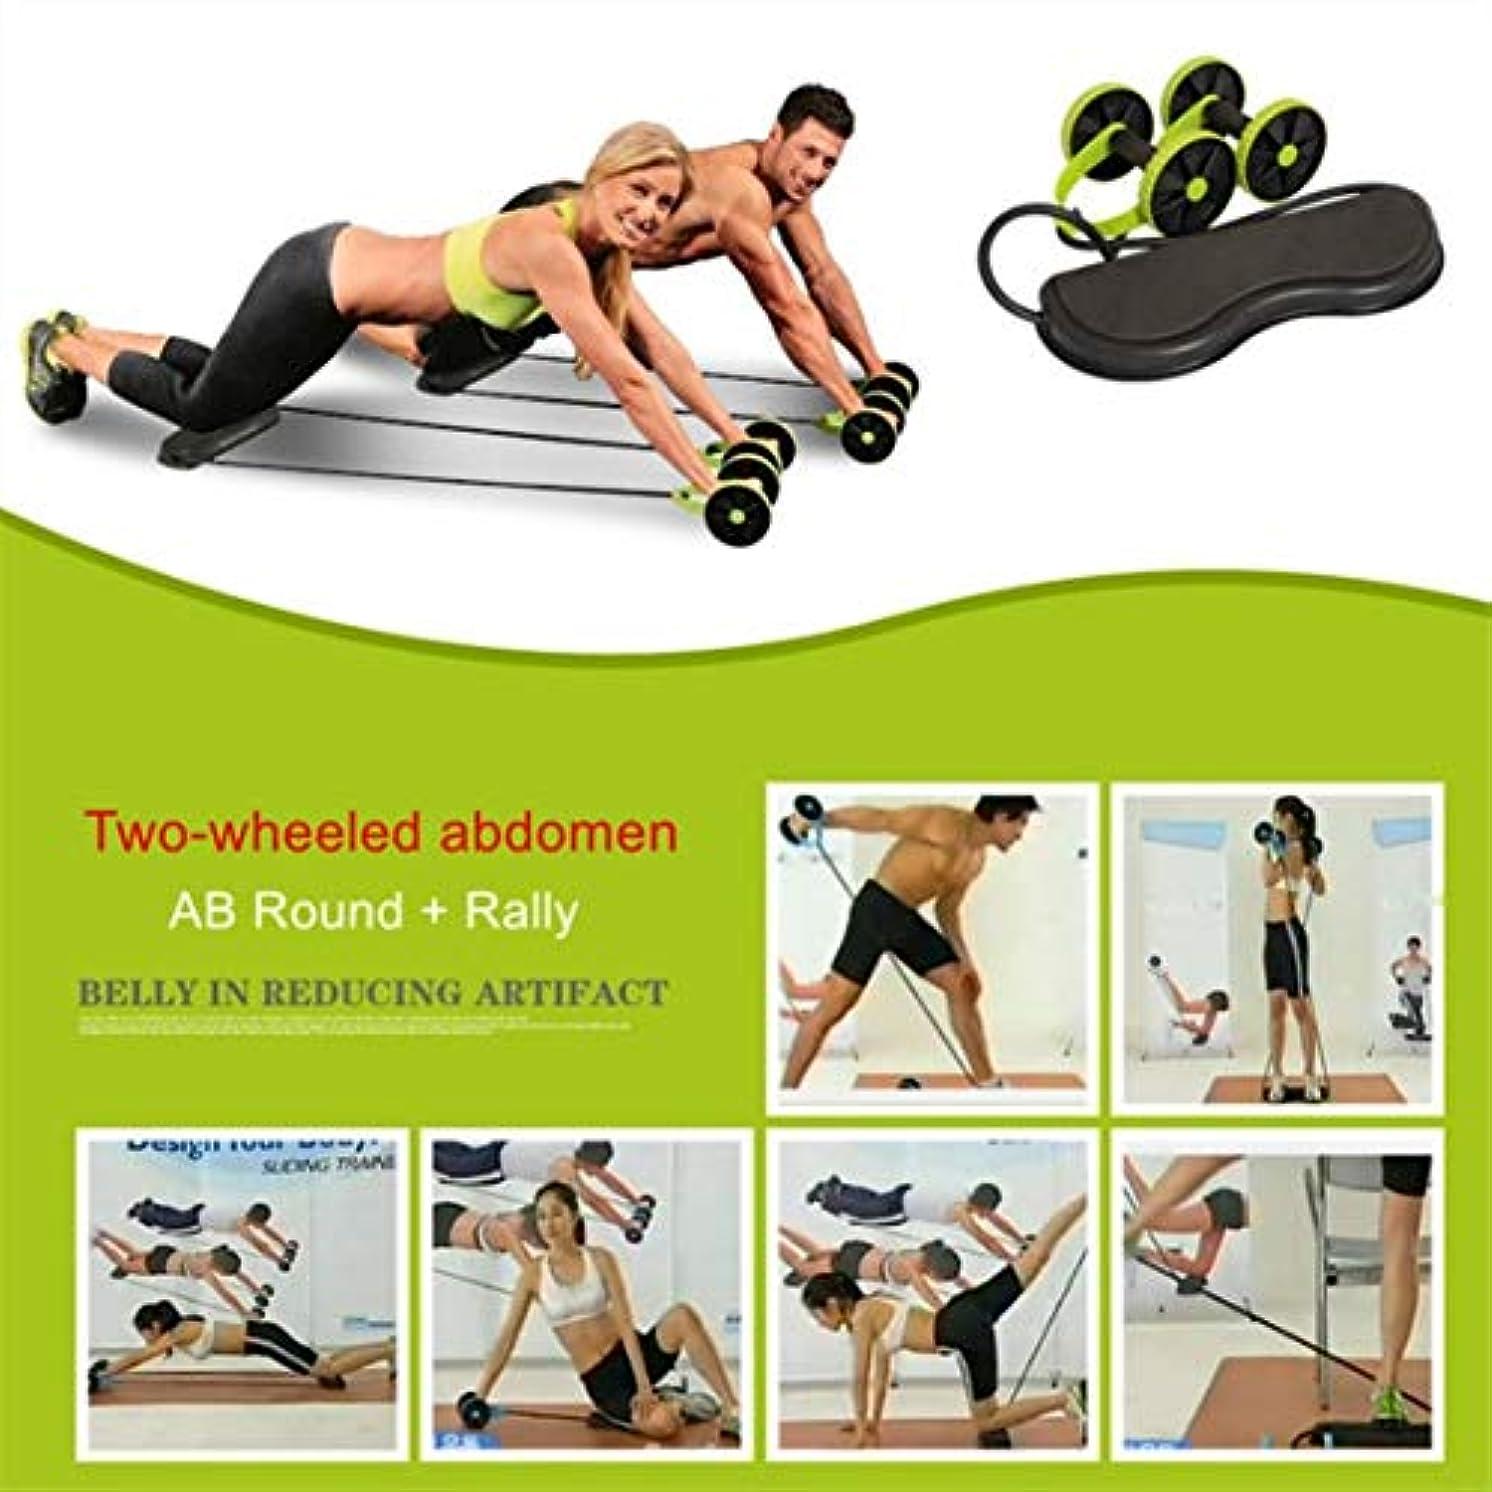 スリット糞デイジーJS-04多機能腹輪腹筋輪腹輪テンションロープ筋肉トレーニングマシン